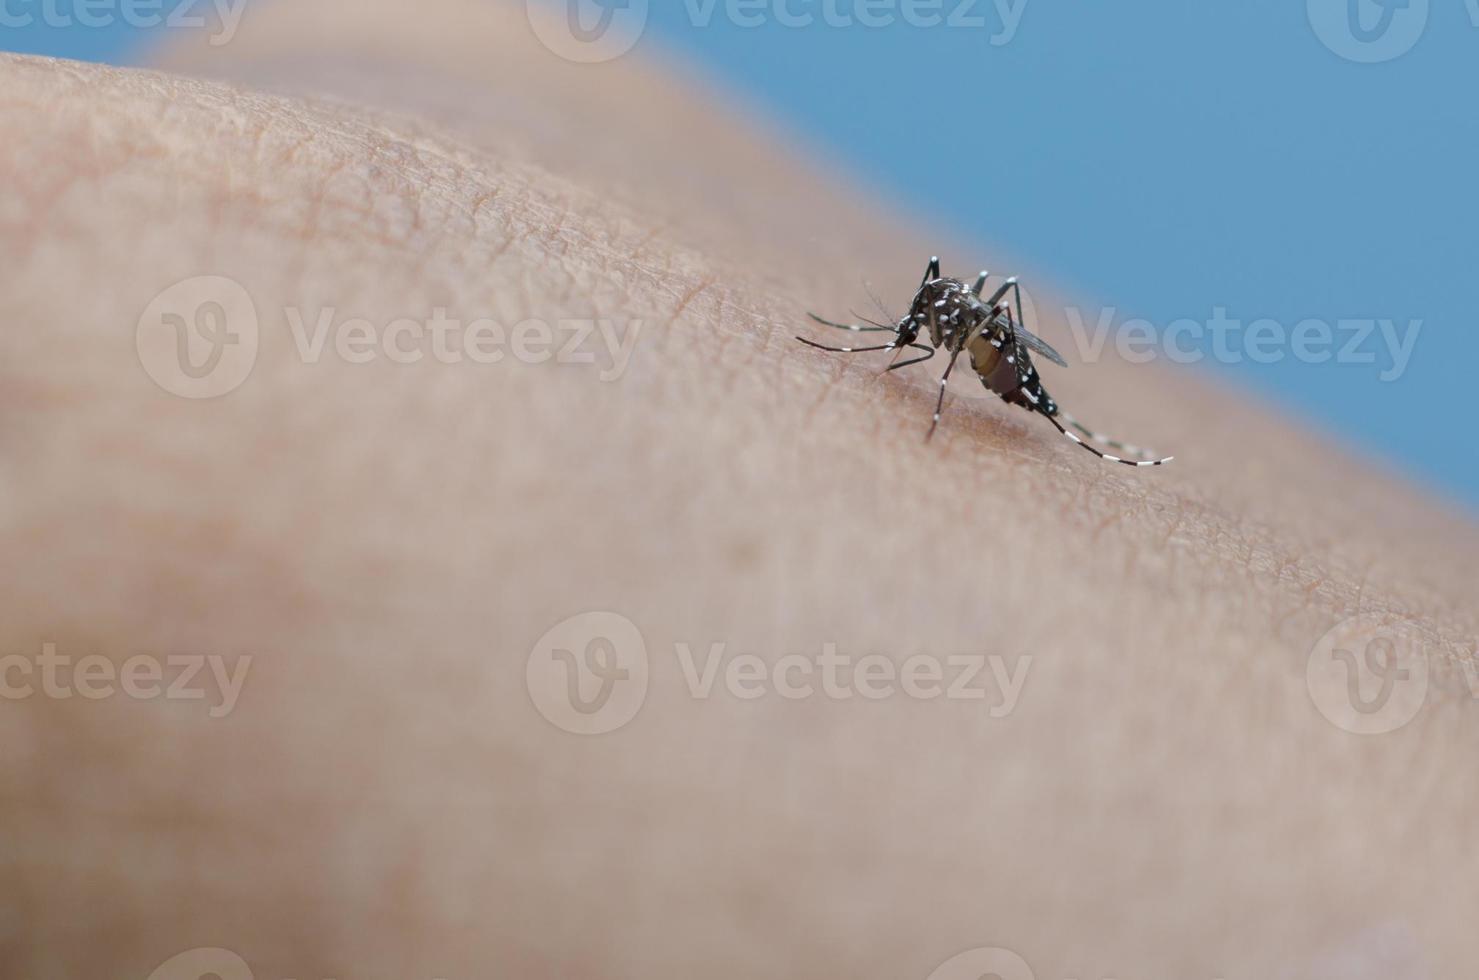 mosquito tigre foto